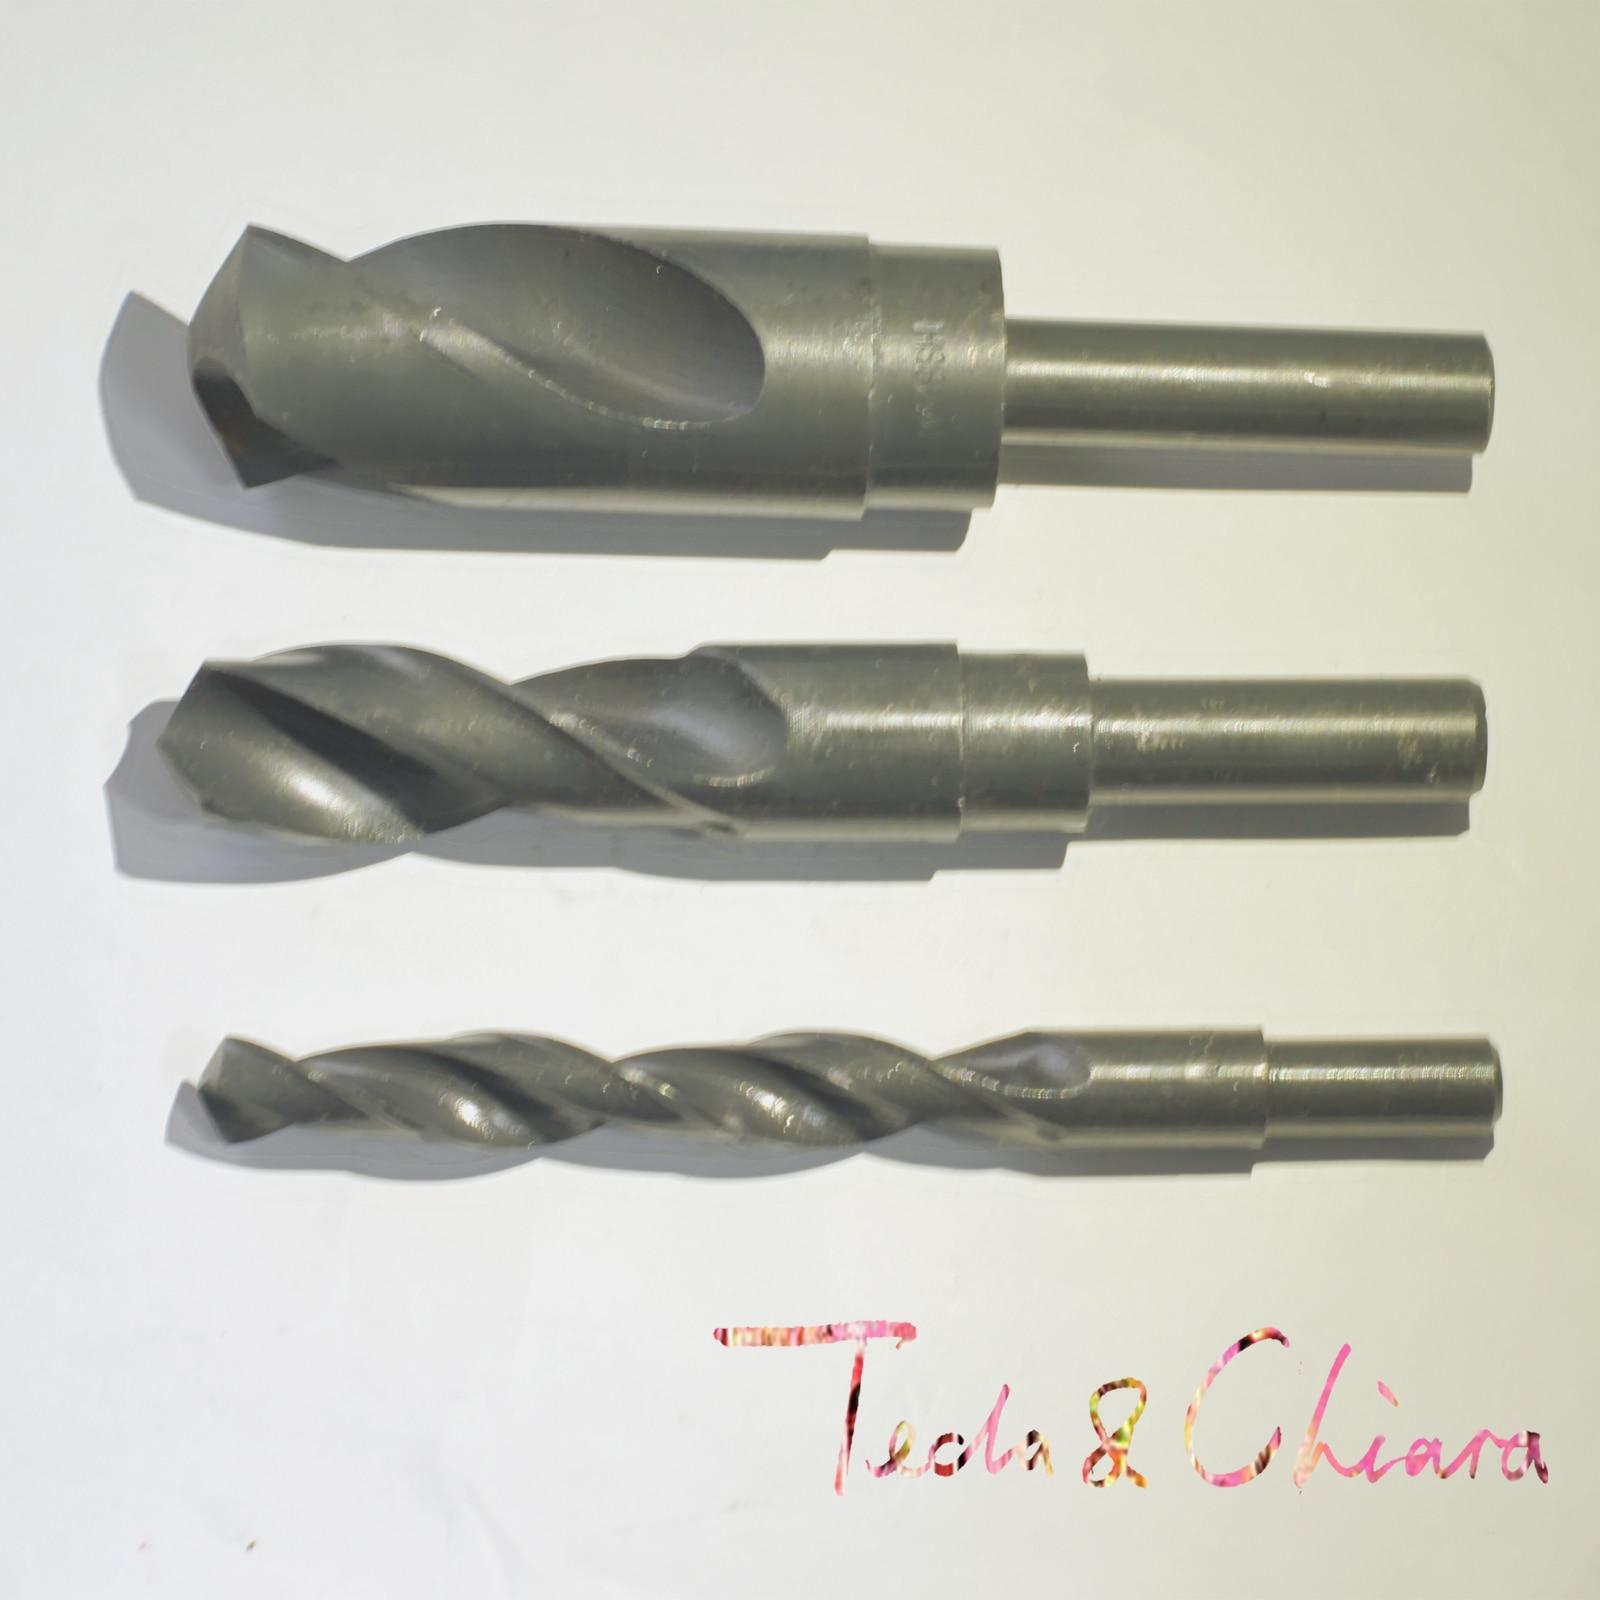 12mm 12.5mm 13mm HSS Reduced Straight Crank Twist Drill Bit Shank Dia 12.7mm 1/2 Inch 12 12.5 13 12.0 13.0